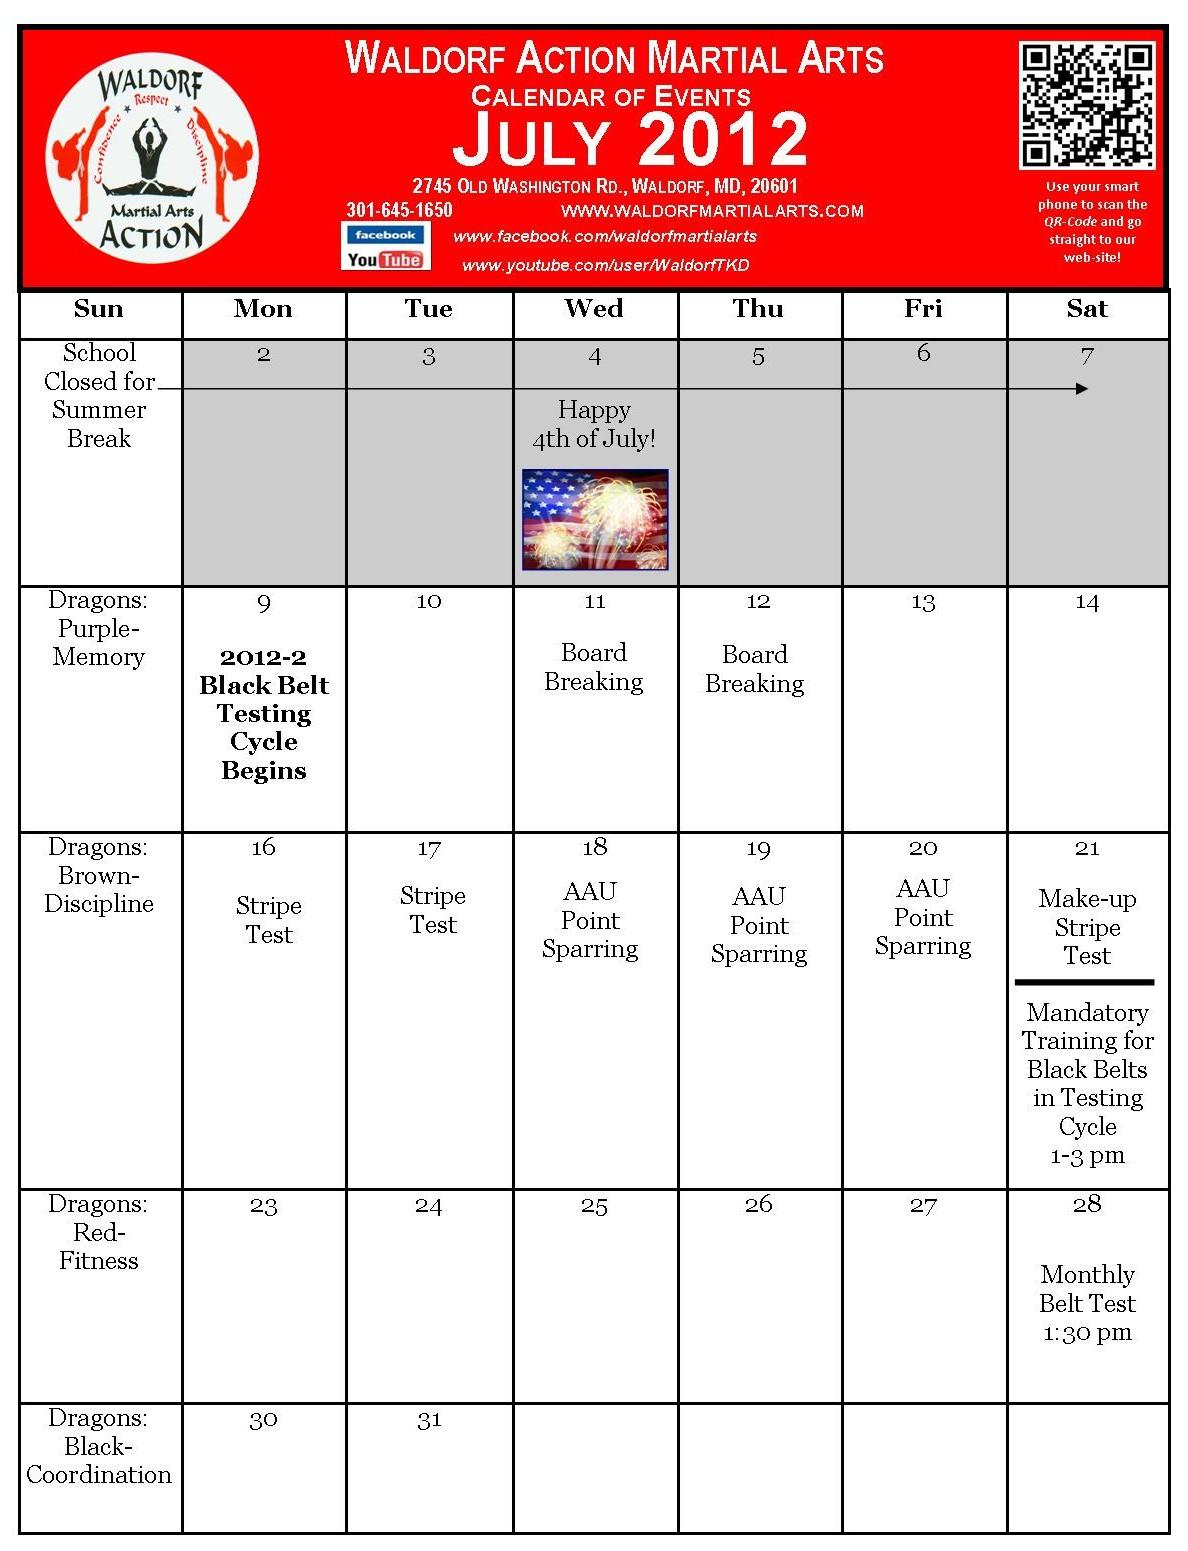 Art Events Calendar : Martial arts calendar waldorf